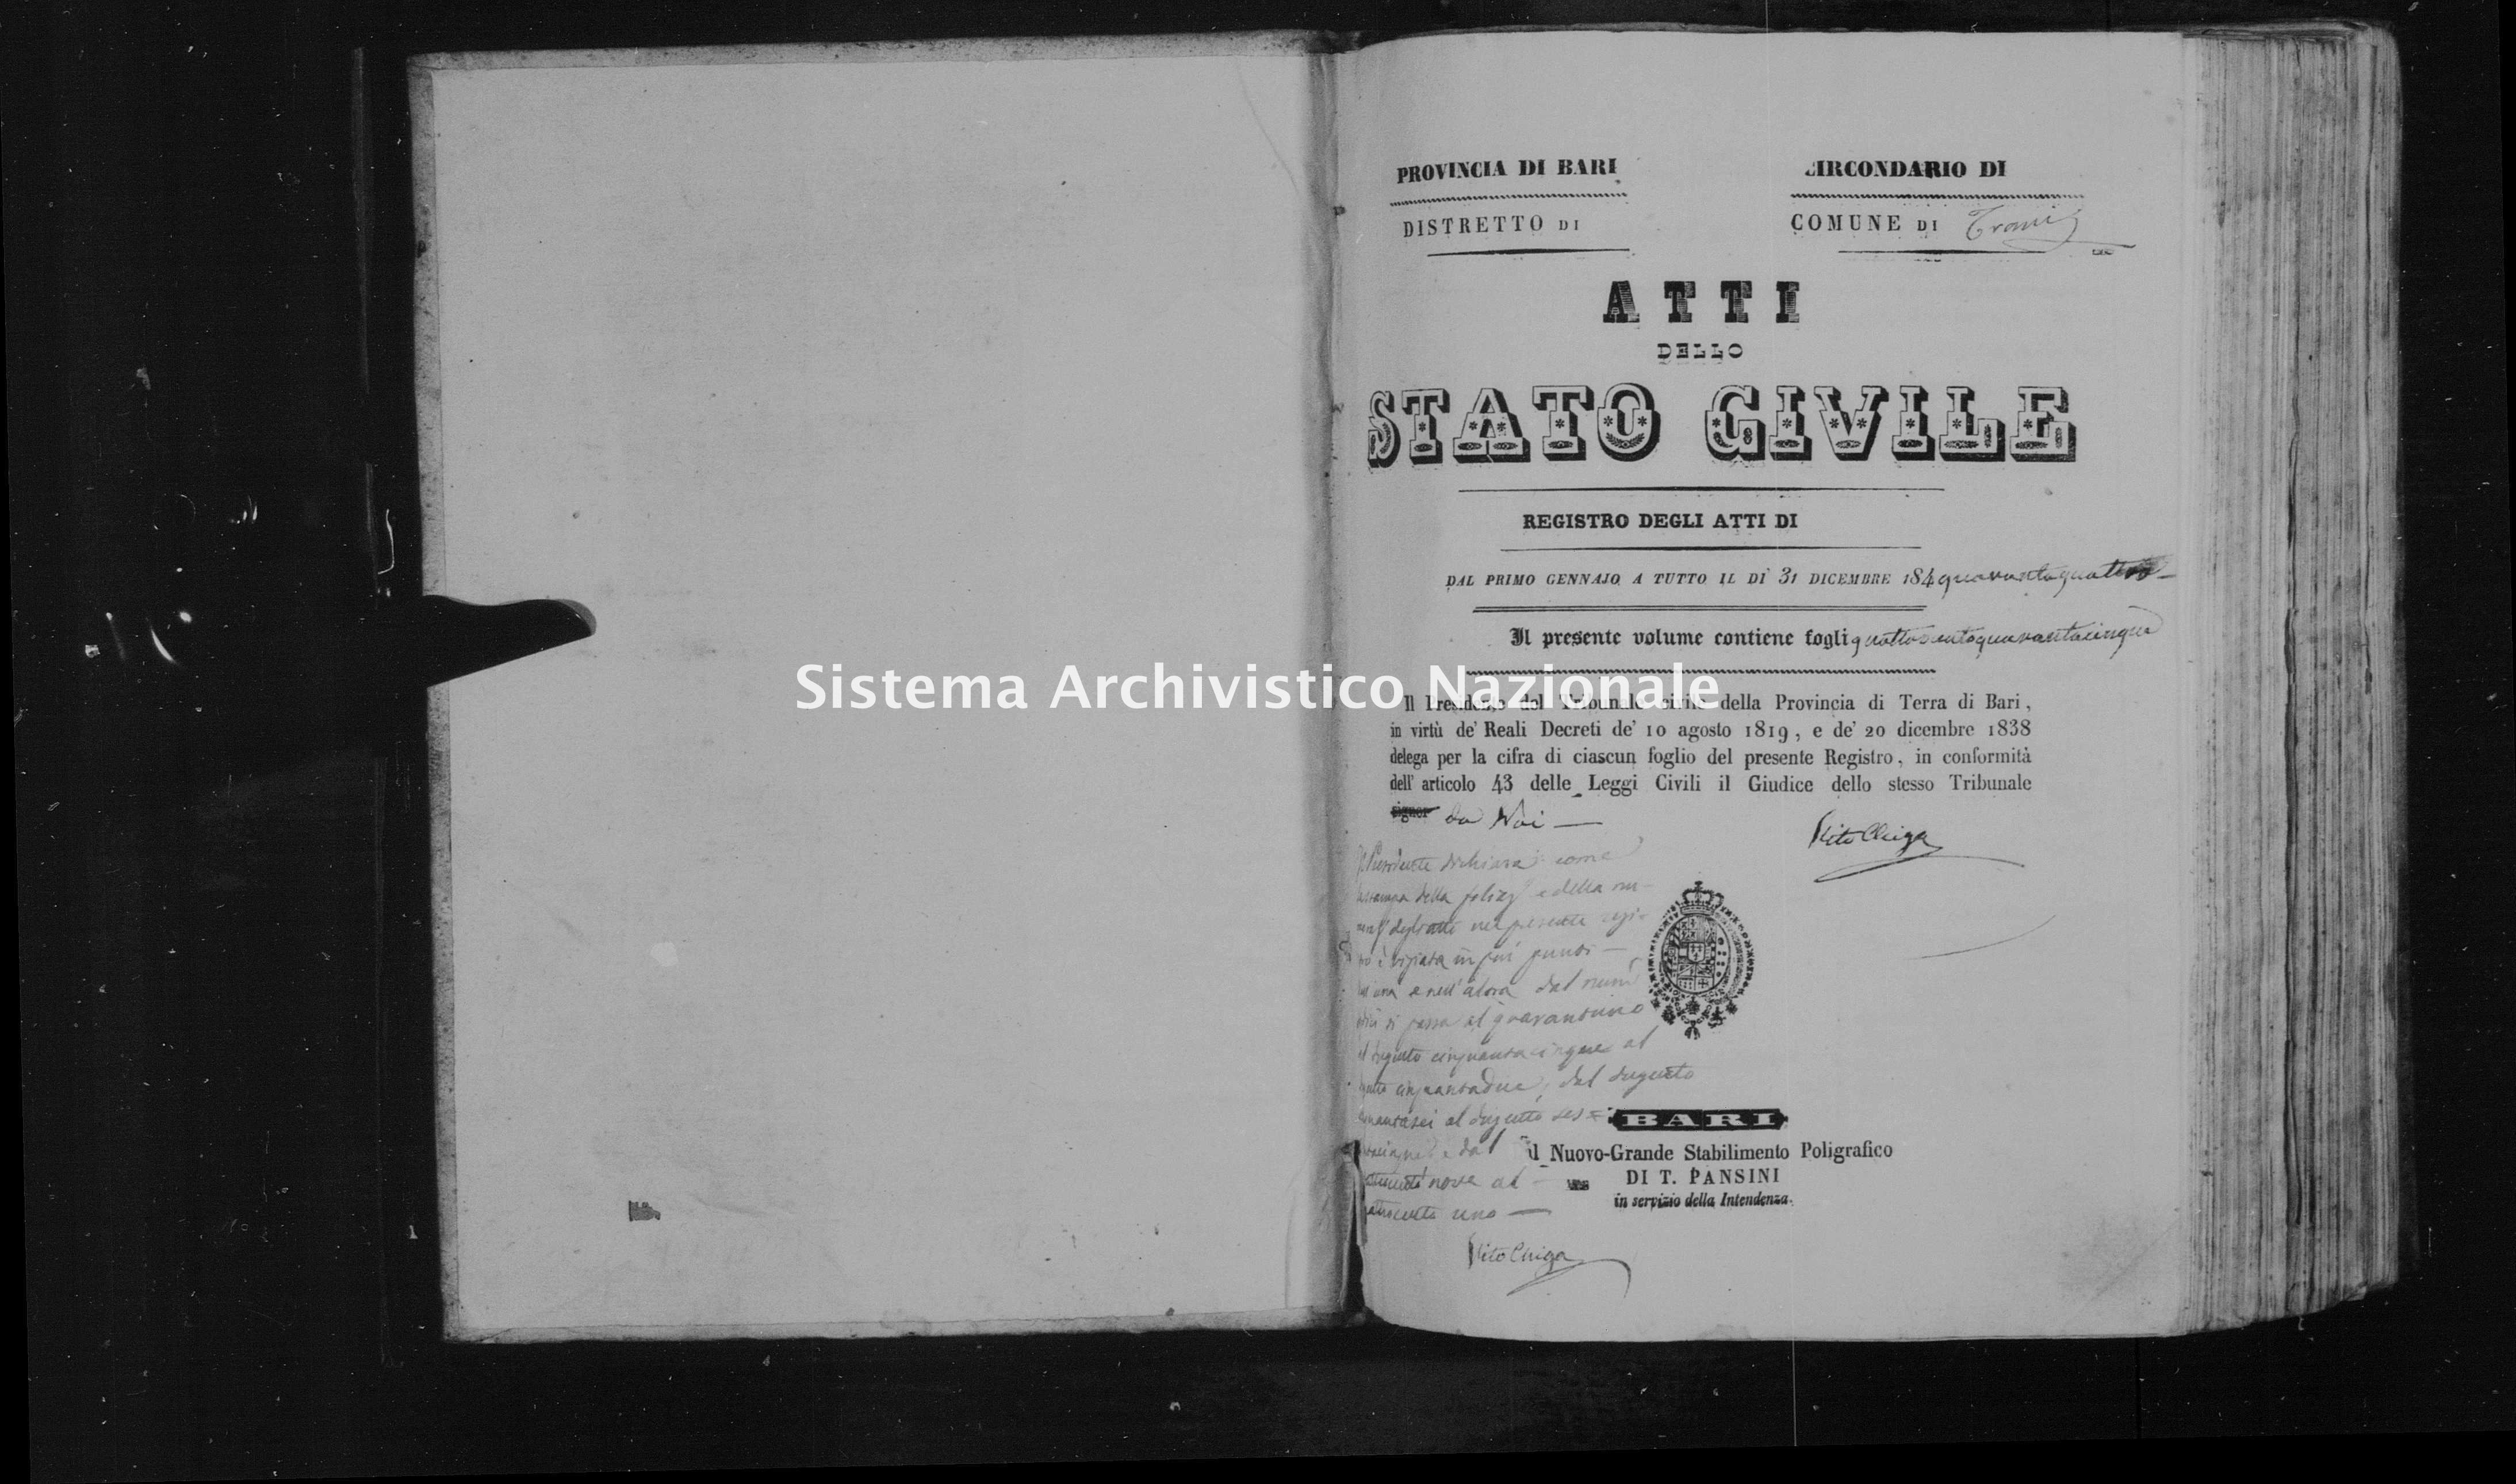 Archivio di stato di Bari - Stato civile della restaurazione - Trani - Nati - 1844 - Parte 2 -